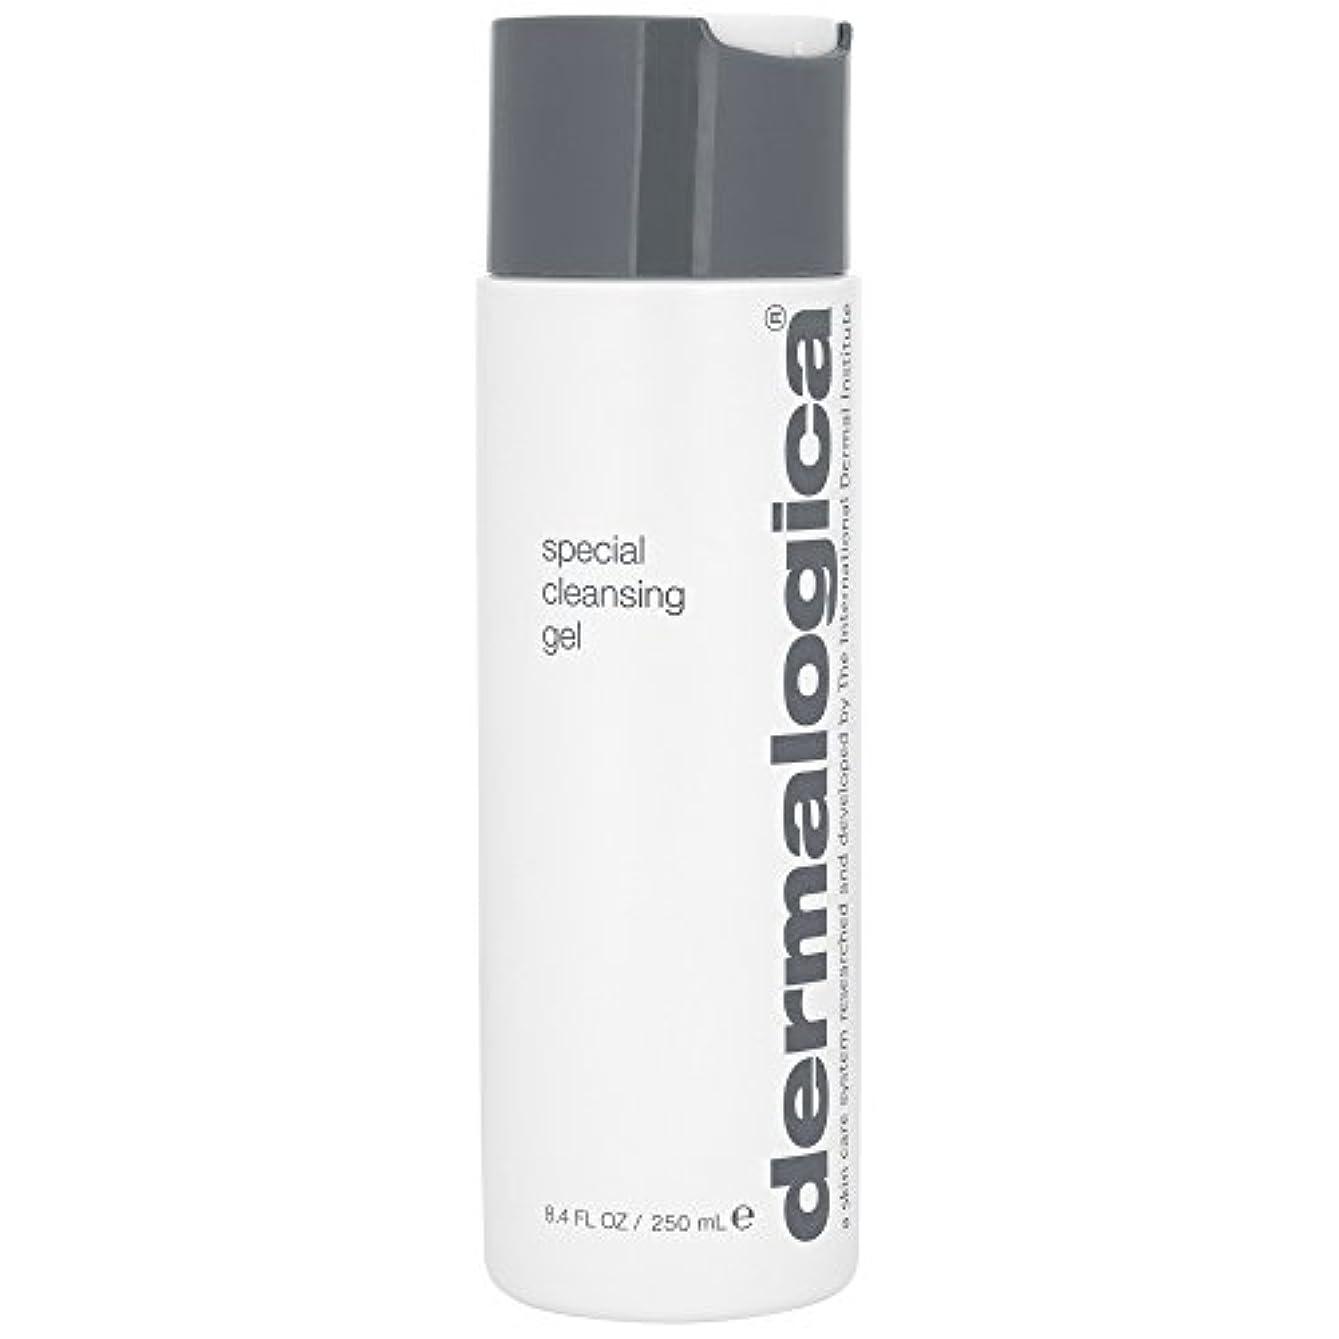 広々としたスプーン感染するダーマロジカ特別なクレンジングゲル250ミリリットル (Dermalogica) (x6) - Dermalogica Special Cleansing Gel 250ml (Pack of 6) [並行輸入品]